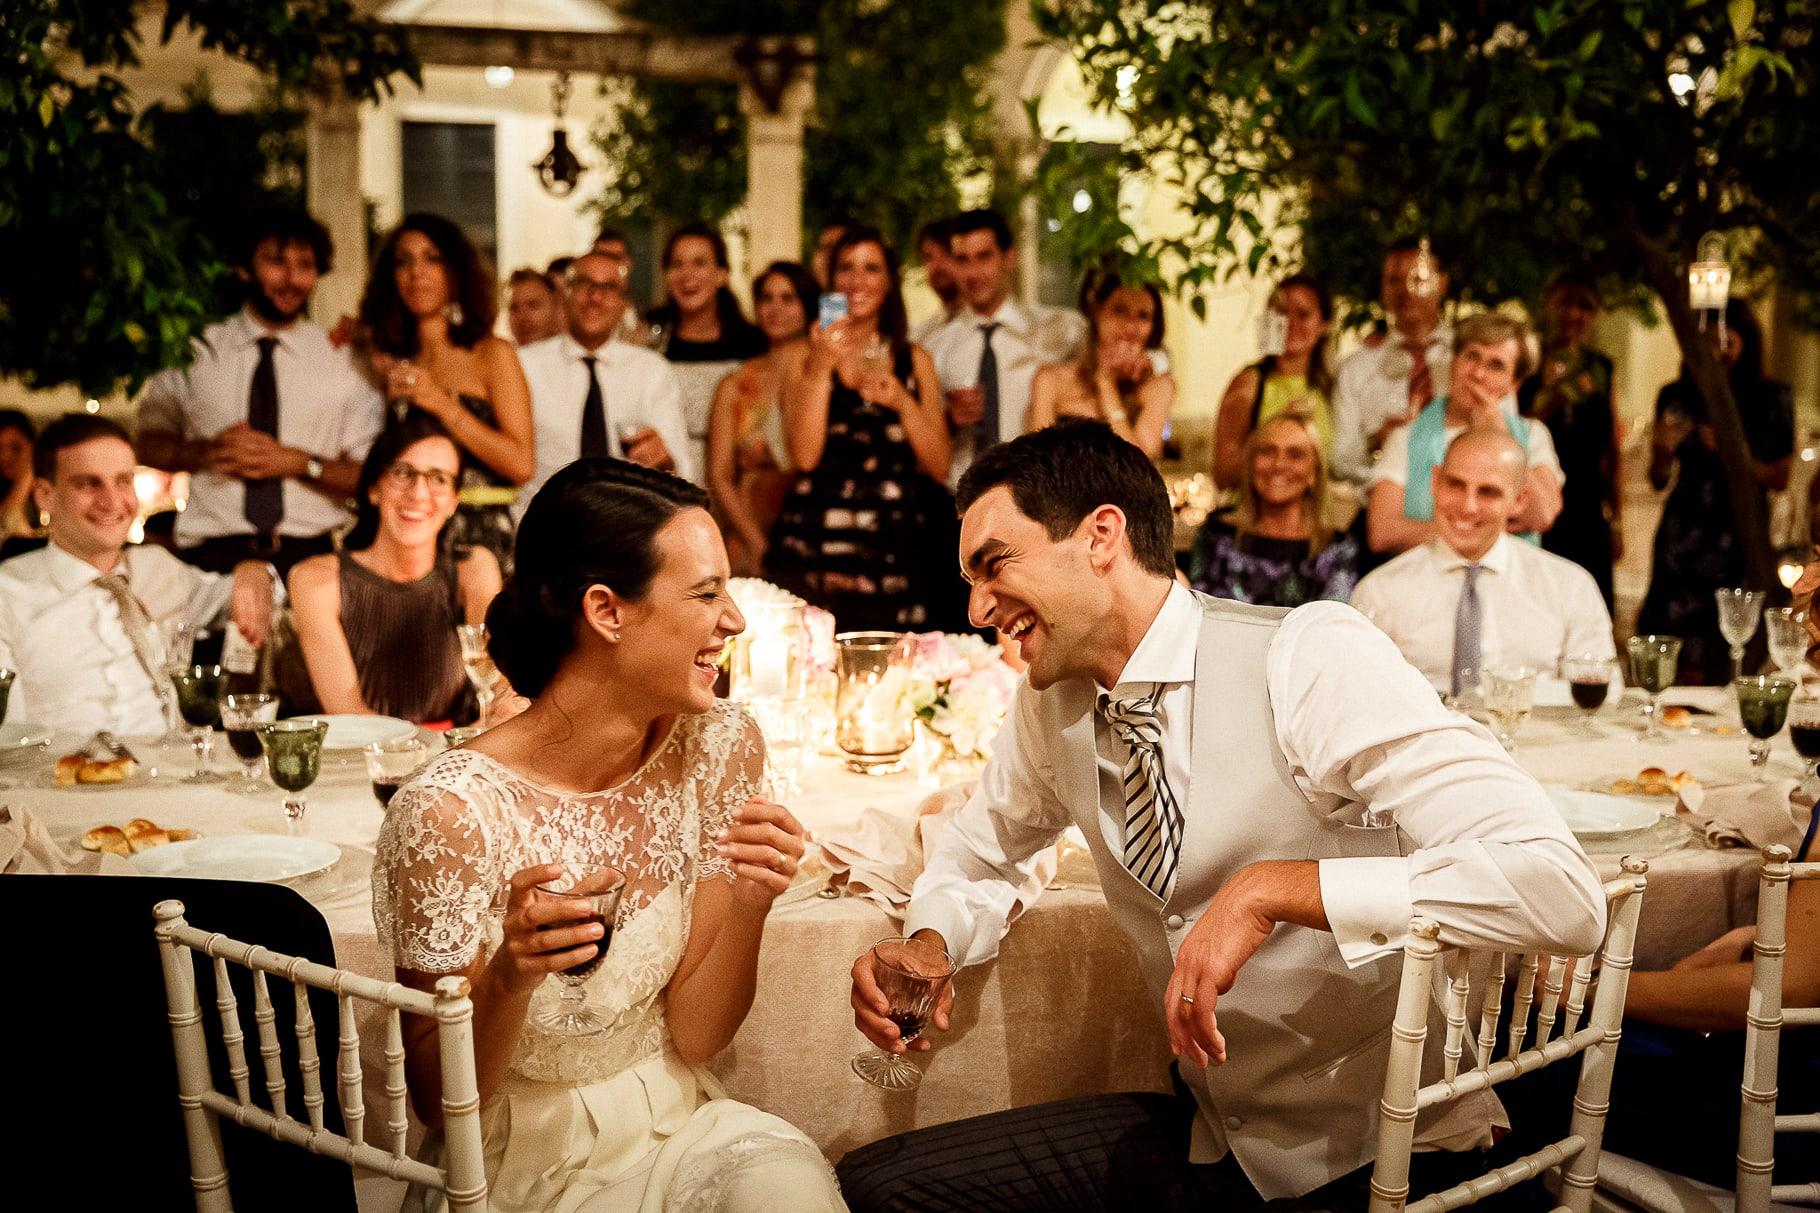 gli sposi ridono e brindano con gli invitati durante il ricevimento di matrimonio al chiostro dell'istituto degli studi romani a roma